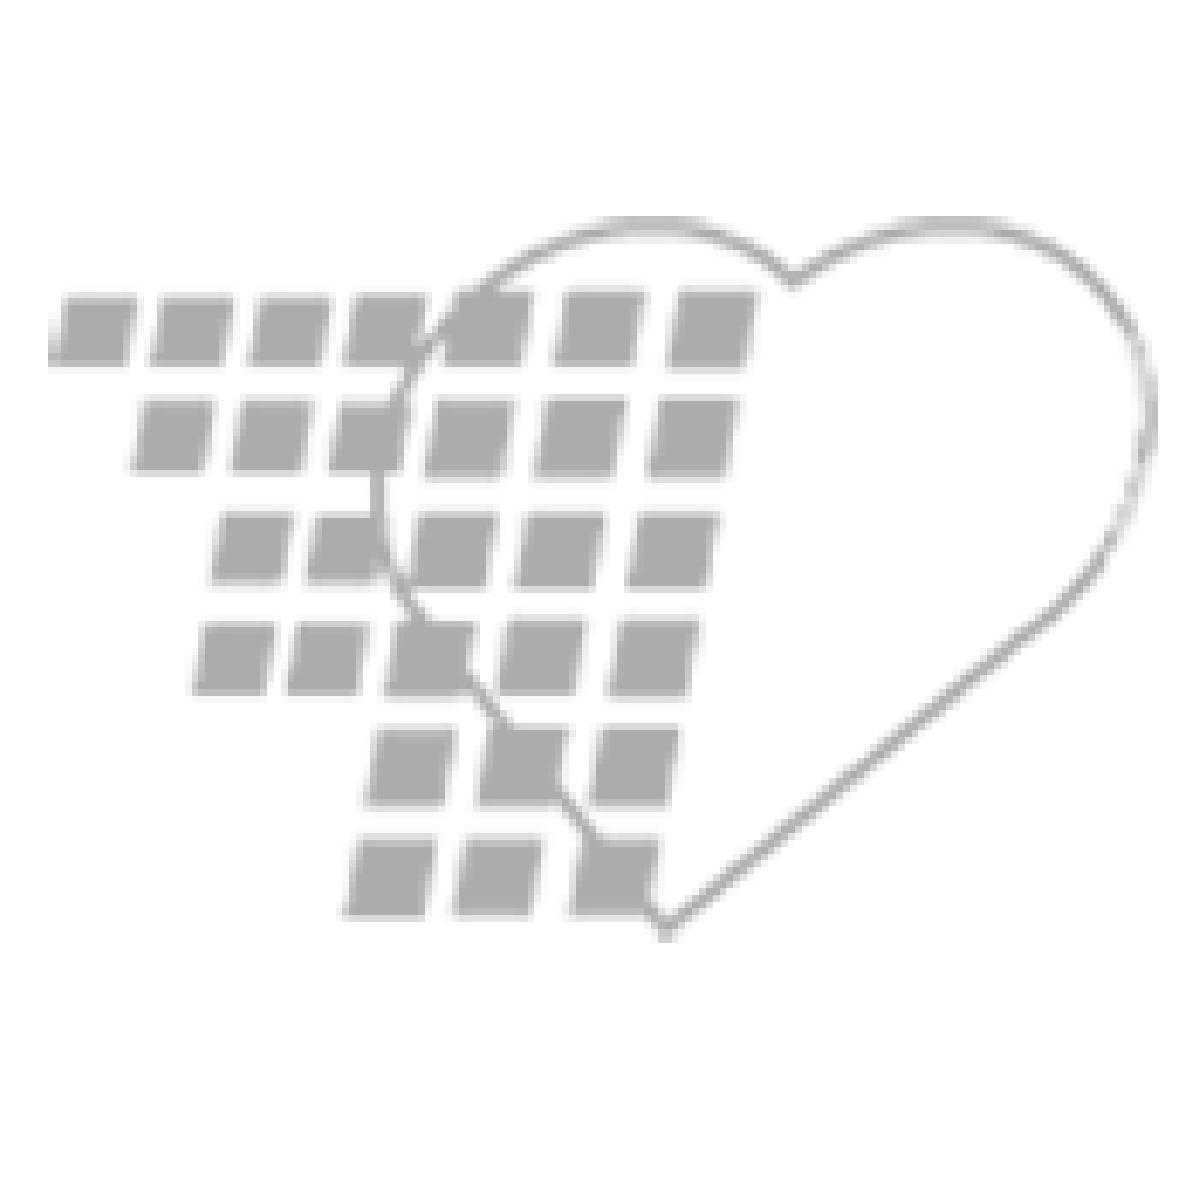 08-73-4560 - Surgical Skin Marker - Ruled Cap Regular Tip withRuler and Labels